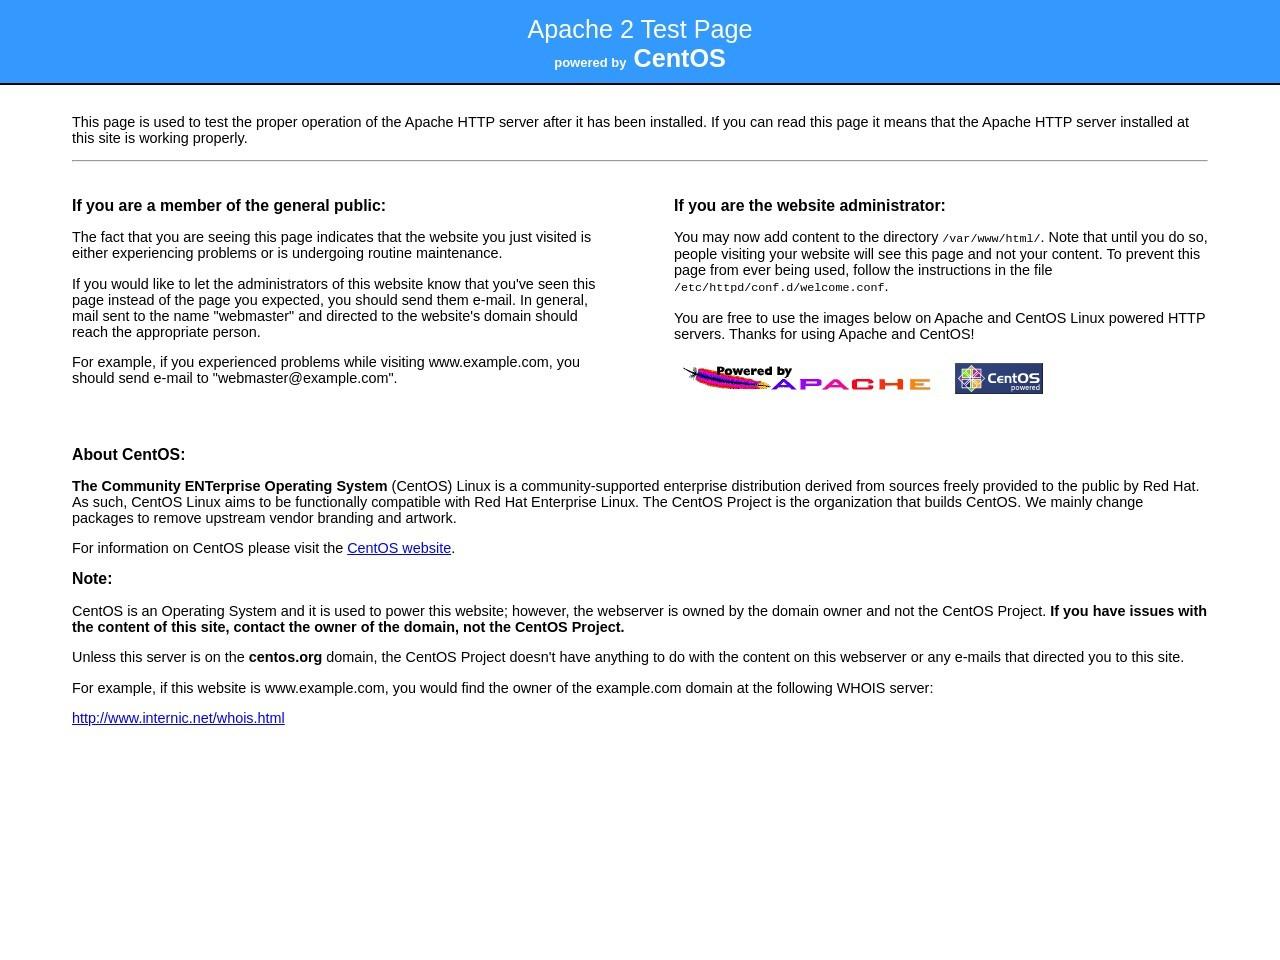 遠藤歯科医院 (北海道釧路市)